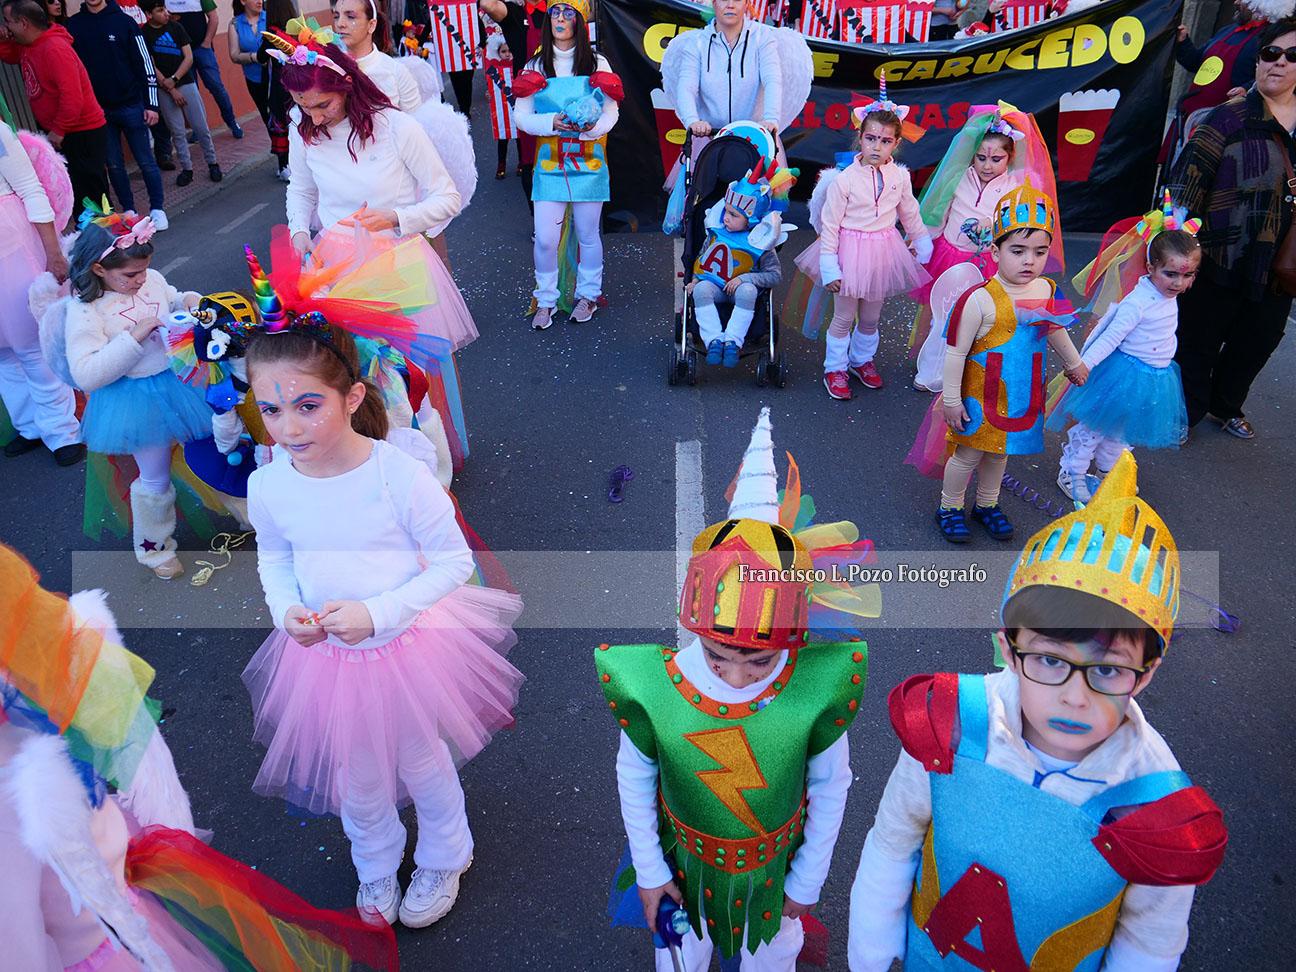 Carnaval 2020: Camponaraya sale a la calle a ritmo de comparsa 10